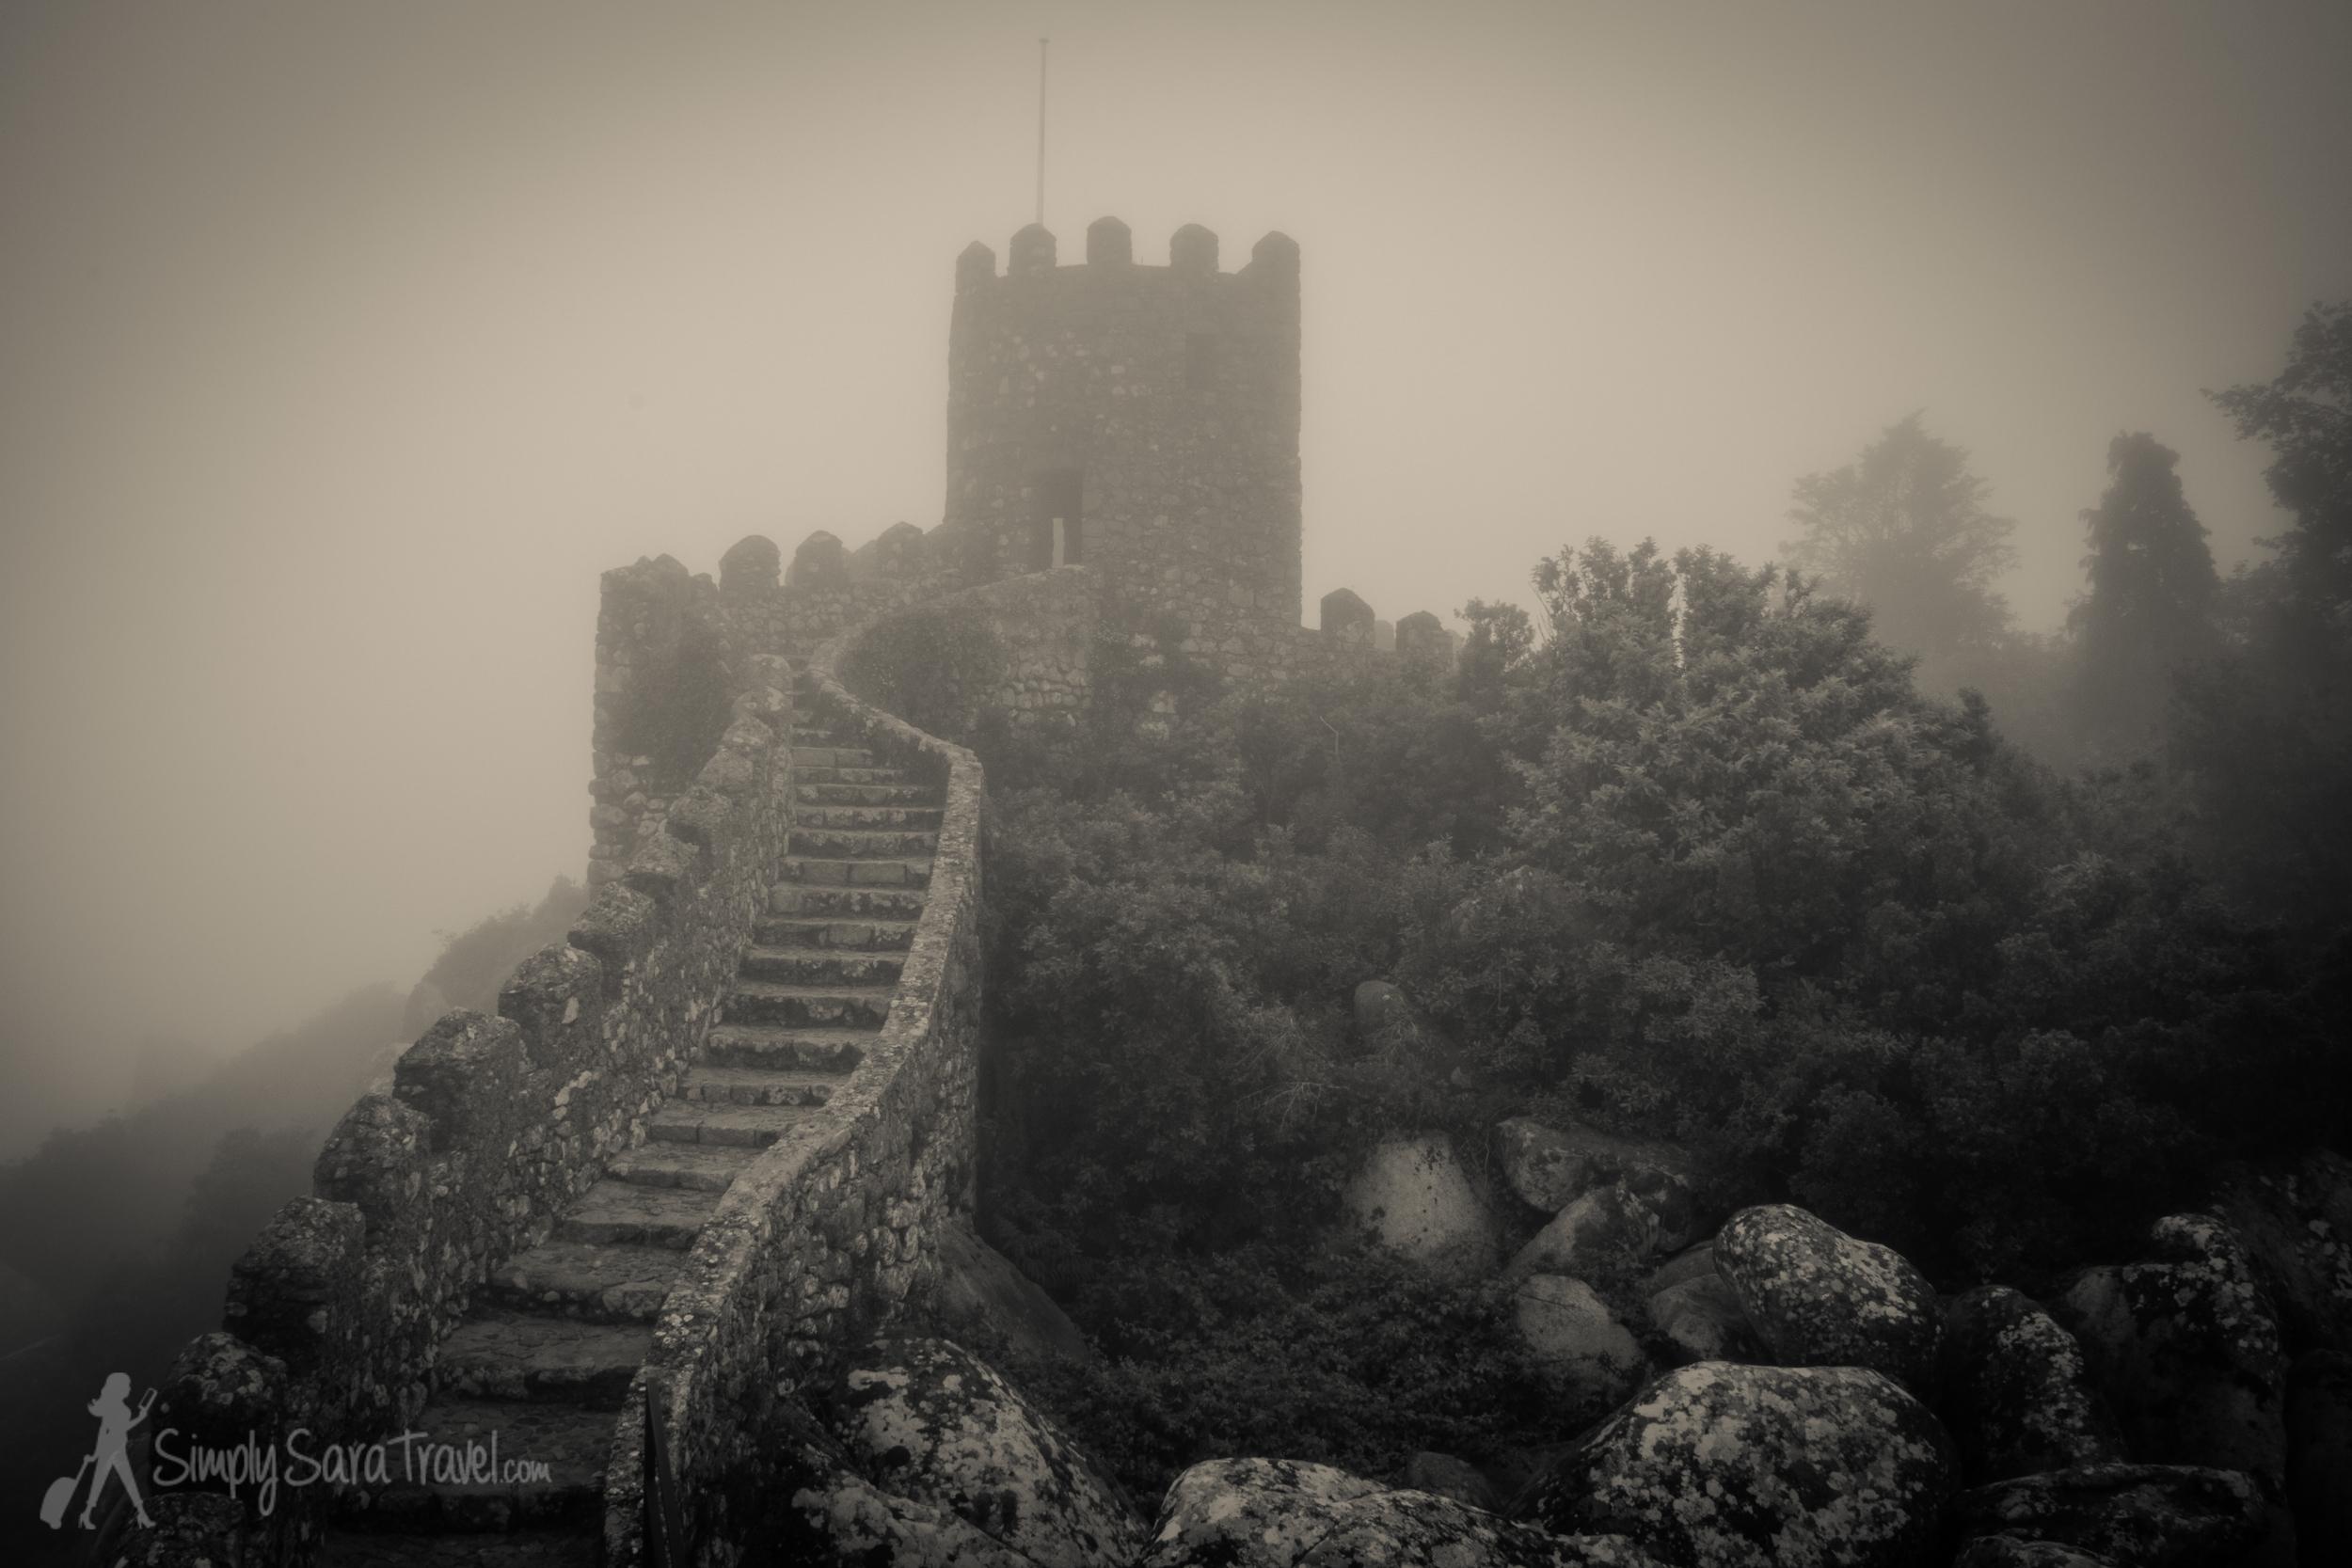 TheMoorish Castle (Castelo dos Mouros)